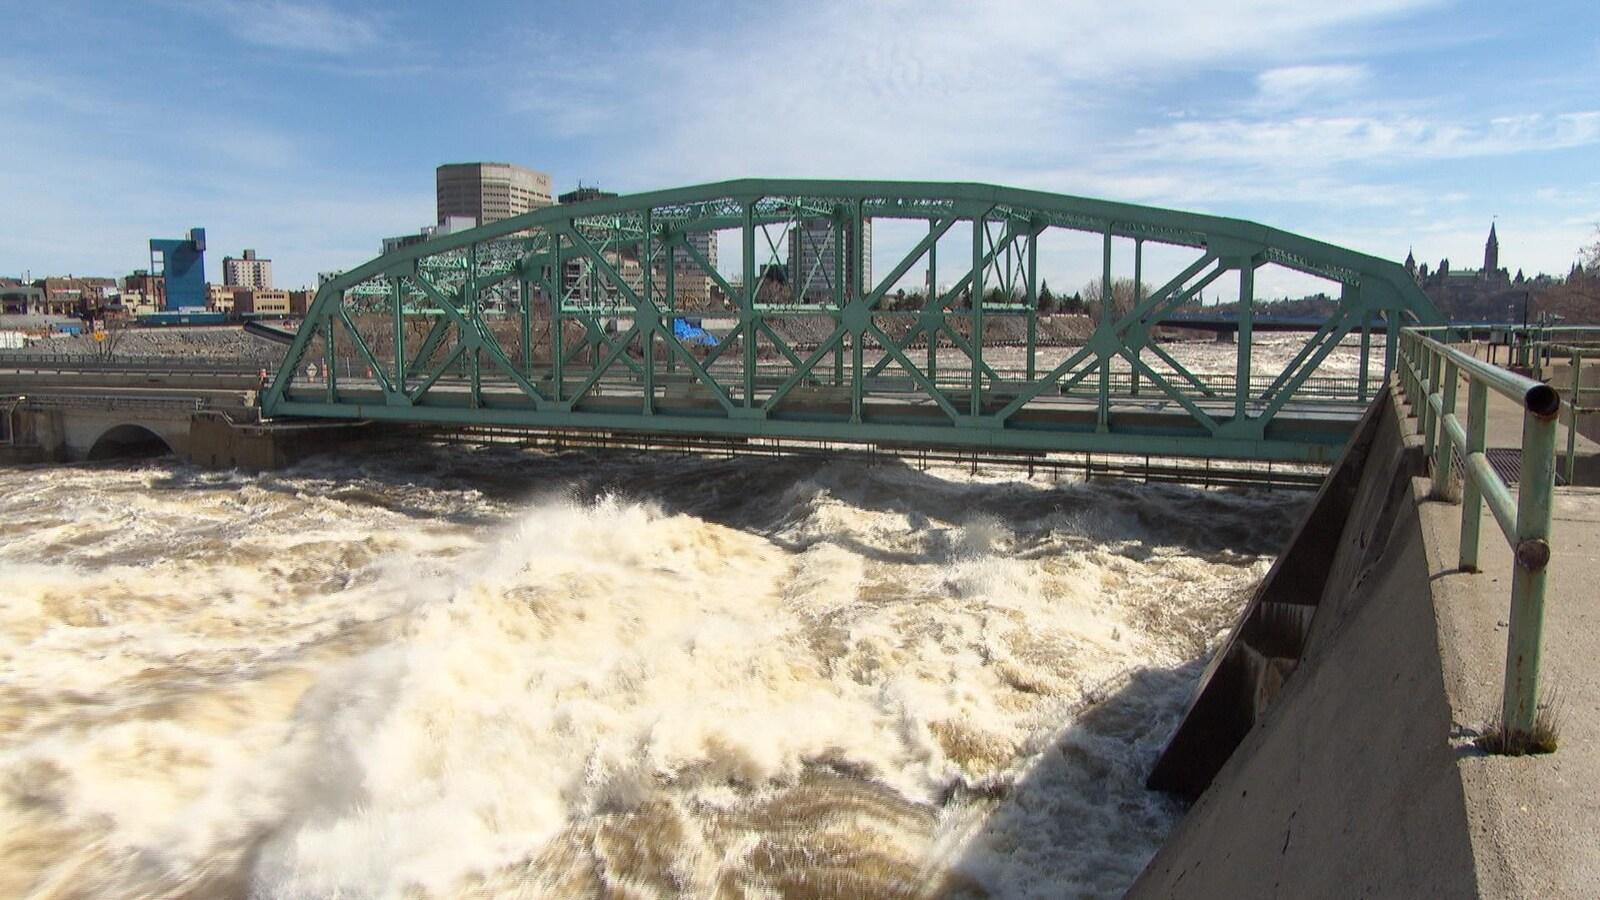 L'eau tumultueuse atteint presque le tablier du pont.